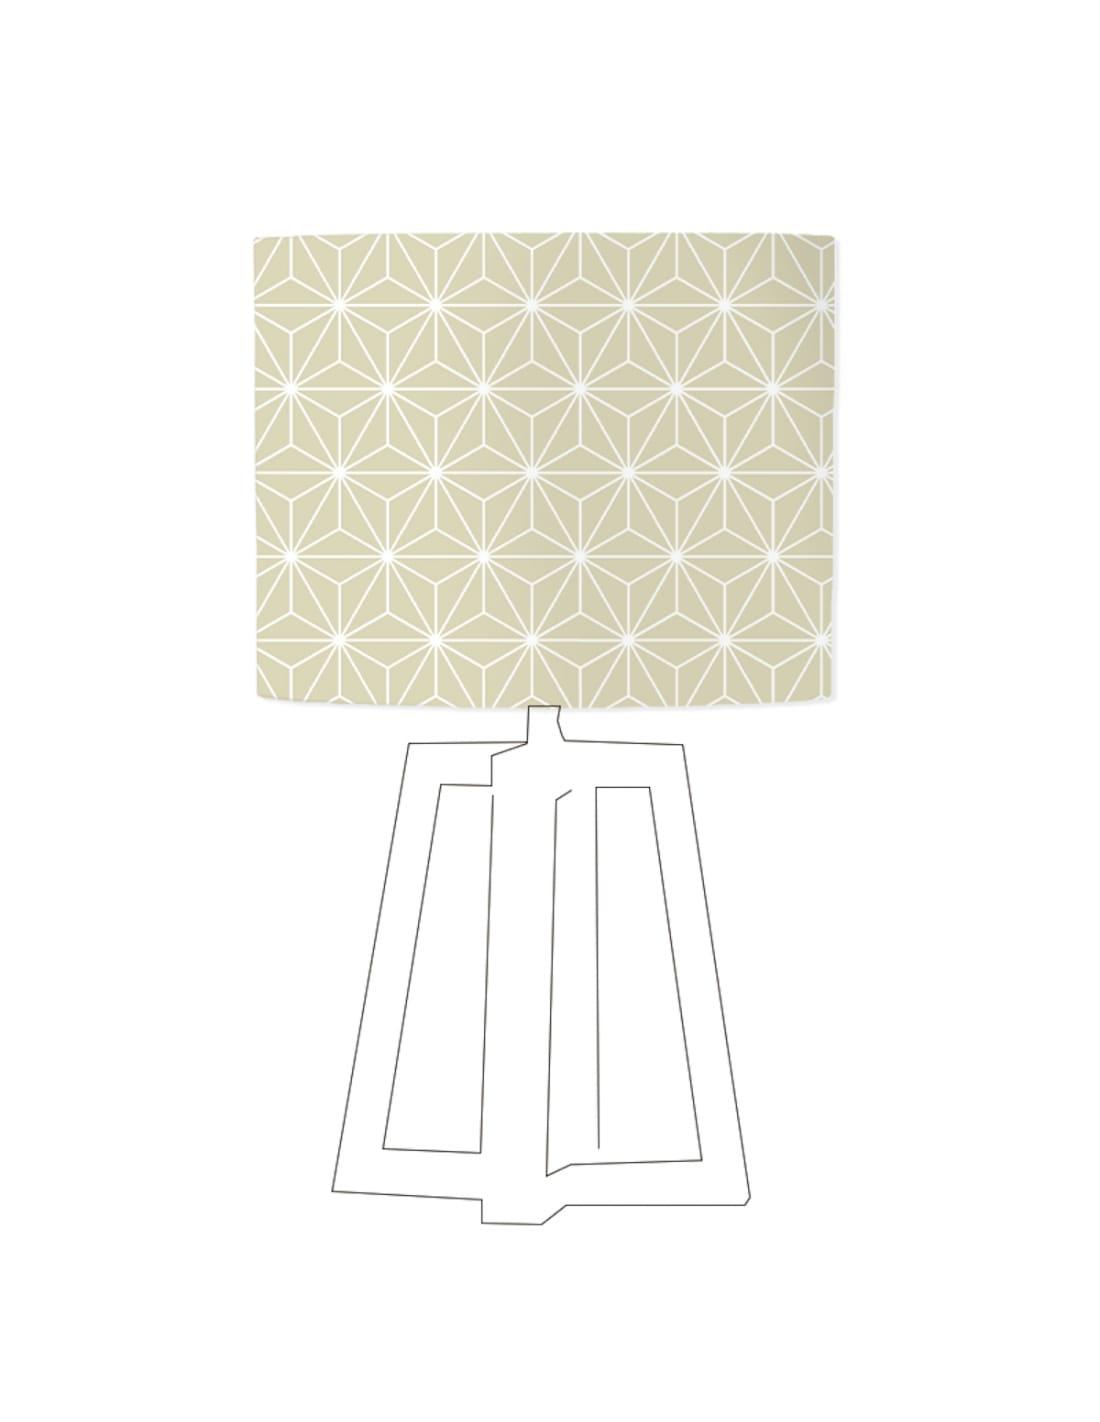 Abat-jour beige imprimé blanc d 35 cm